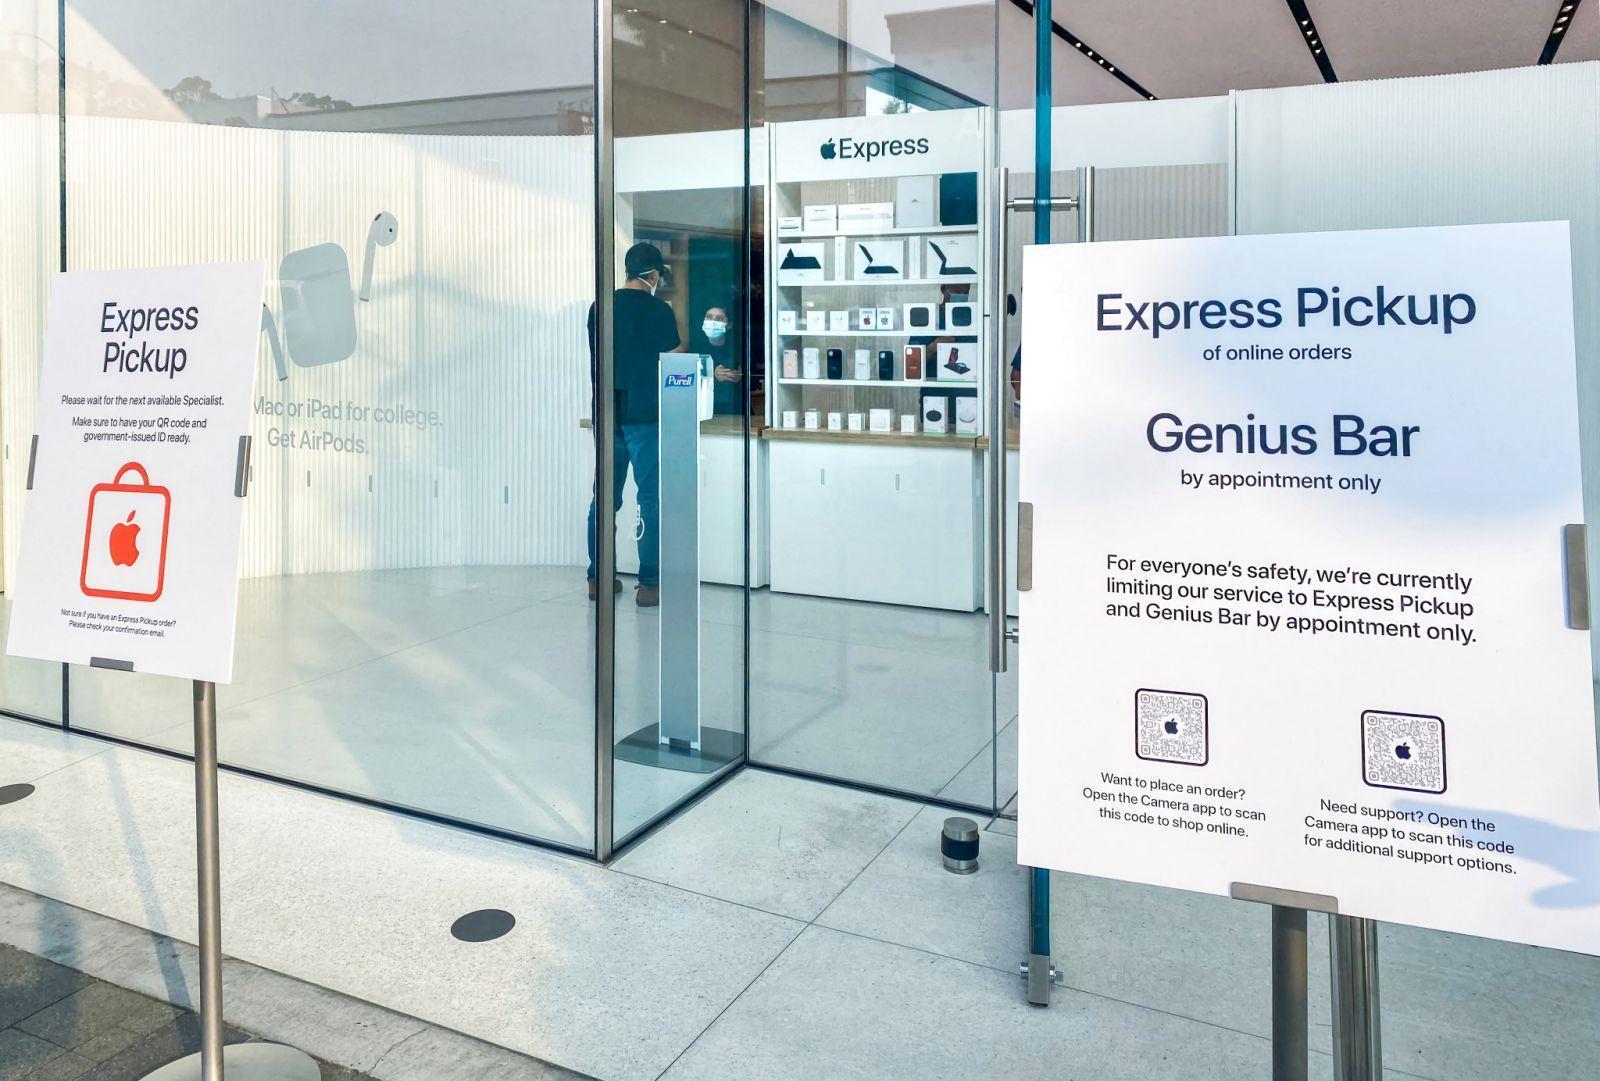 Apple тестирует экспресс-магазины для удобной выдачи онлайн-заказов ()